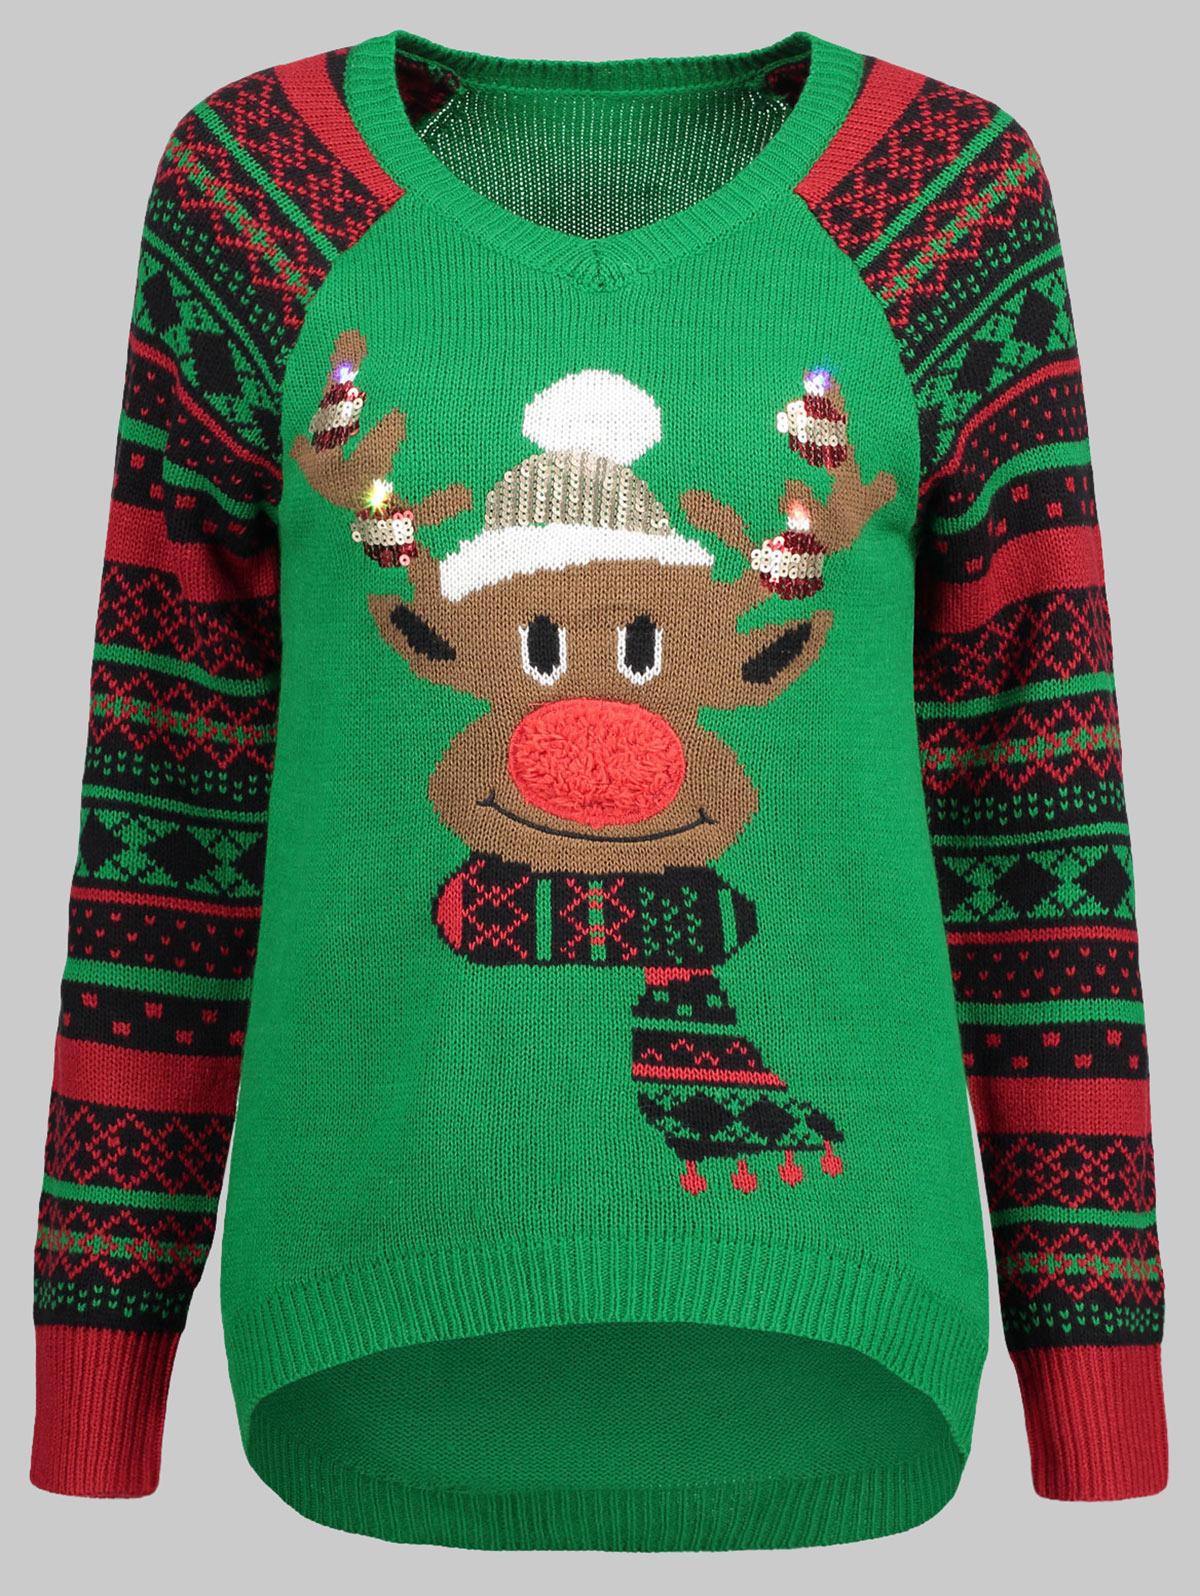 2018 Christmas Sweatshirts Womens Merry Christmas Plus Size Pullover Deer Elk Printed Skew Neck Sweatshirt Men's Clothing